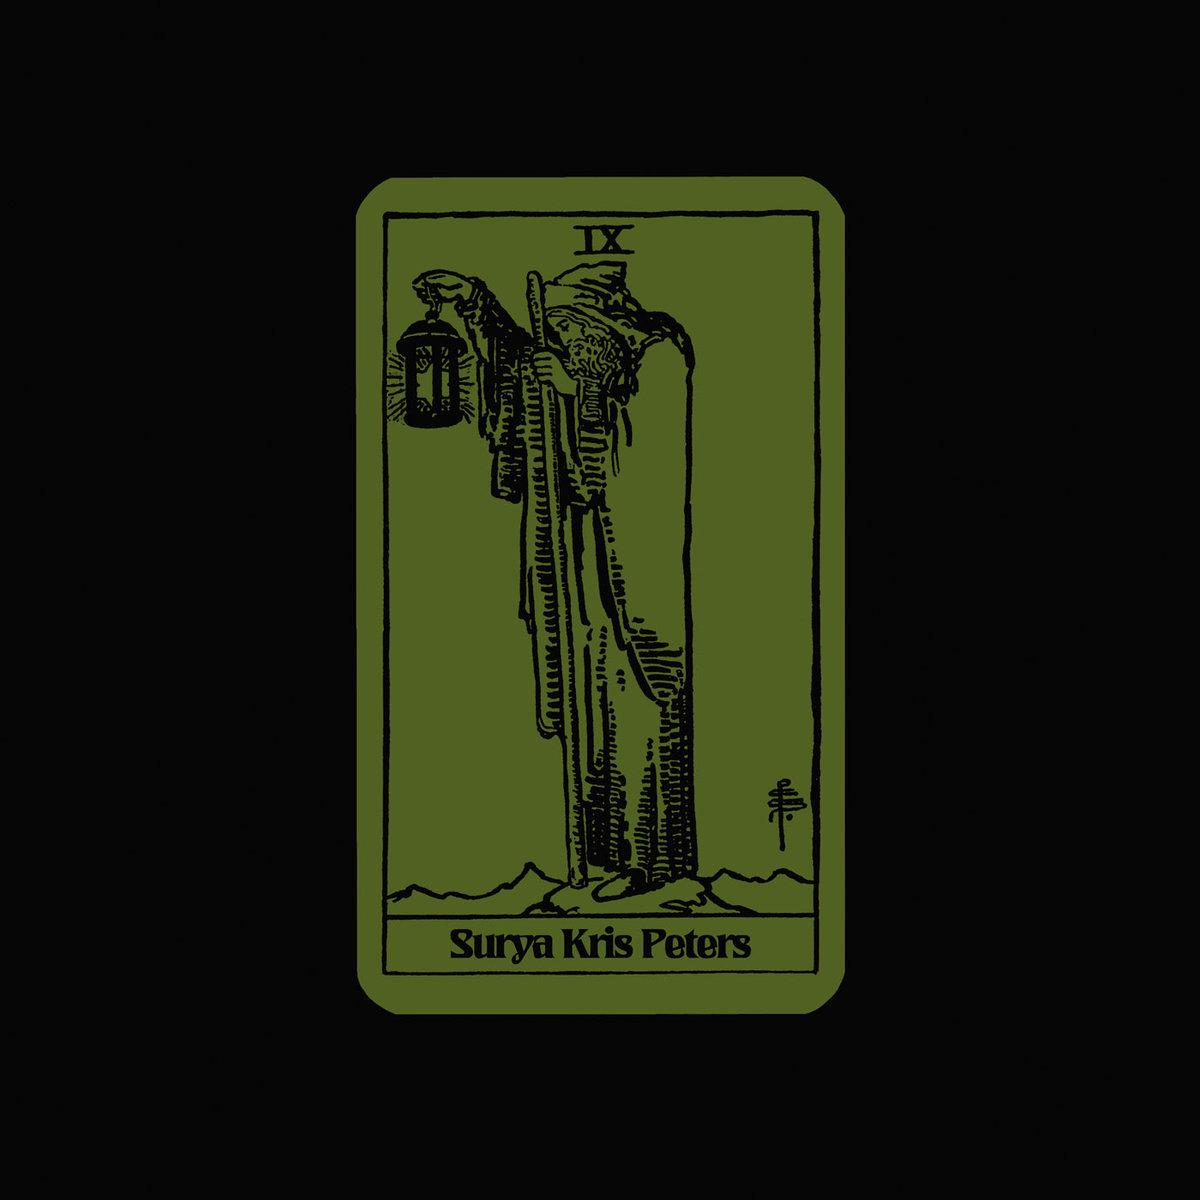 surya kris peters the hermit